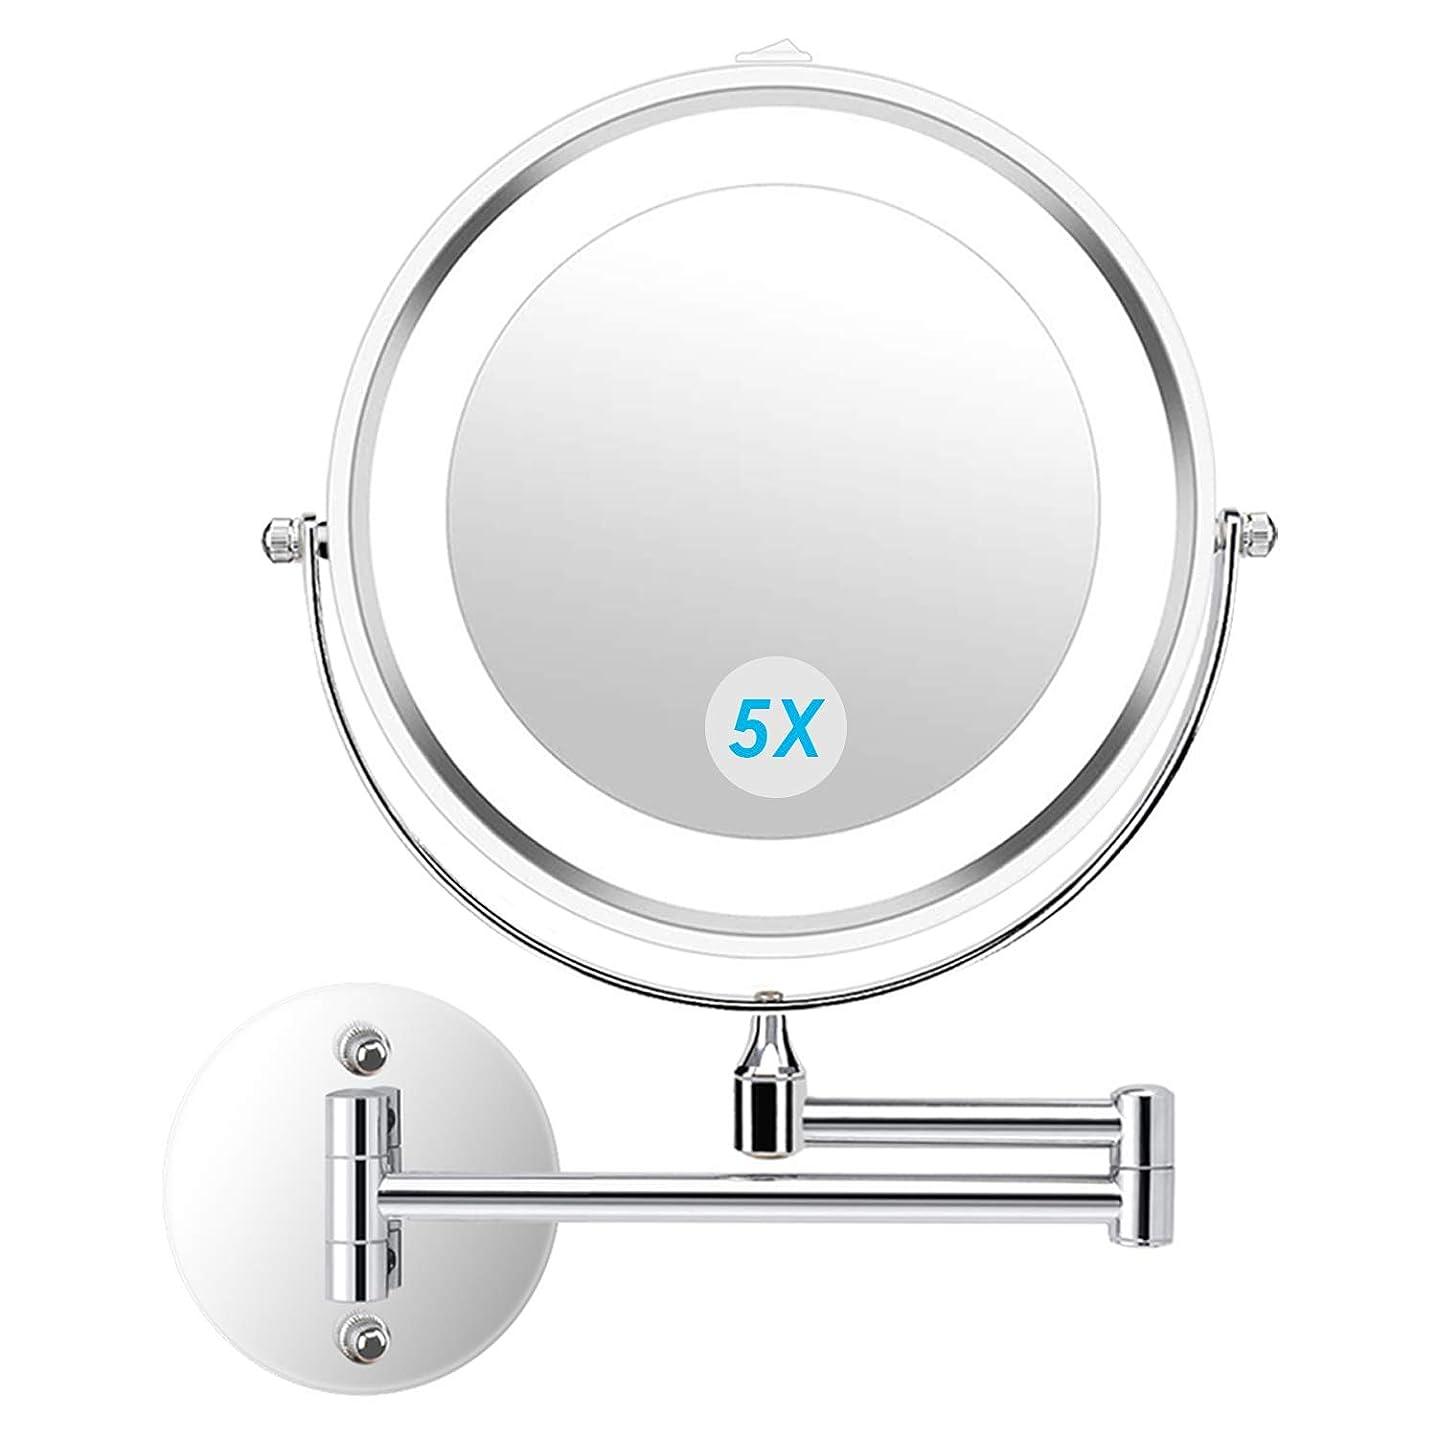 サーキュレーションコールド防水alvorog 壁掛け化粧鏡 4個 電池で駆動バスルームホテル用照明付き両面5倍 倍率360度 スイベル延長化粧化粧鏡を導きました 7